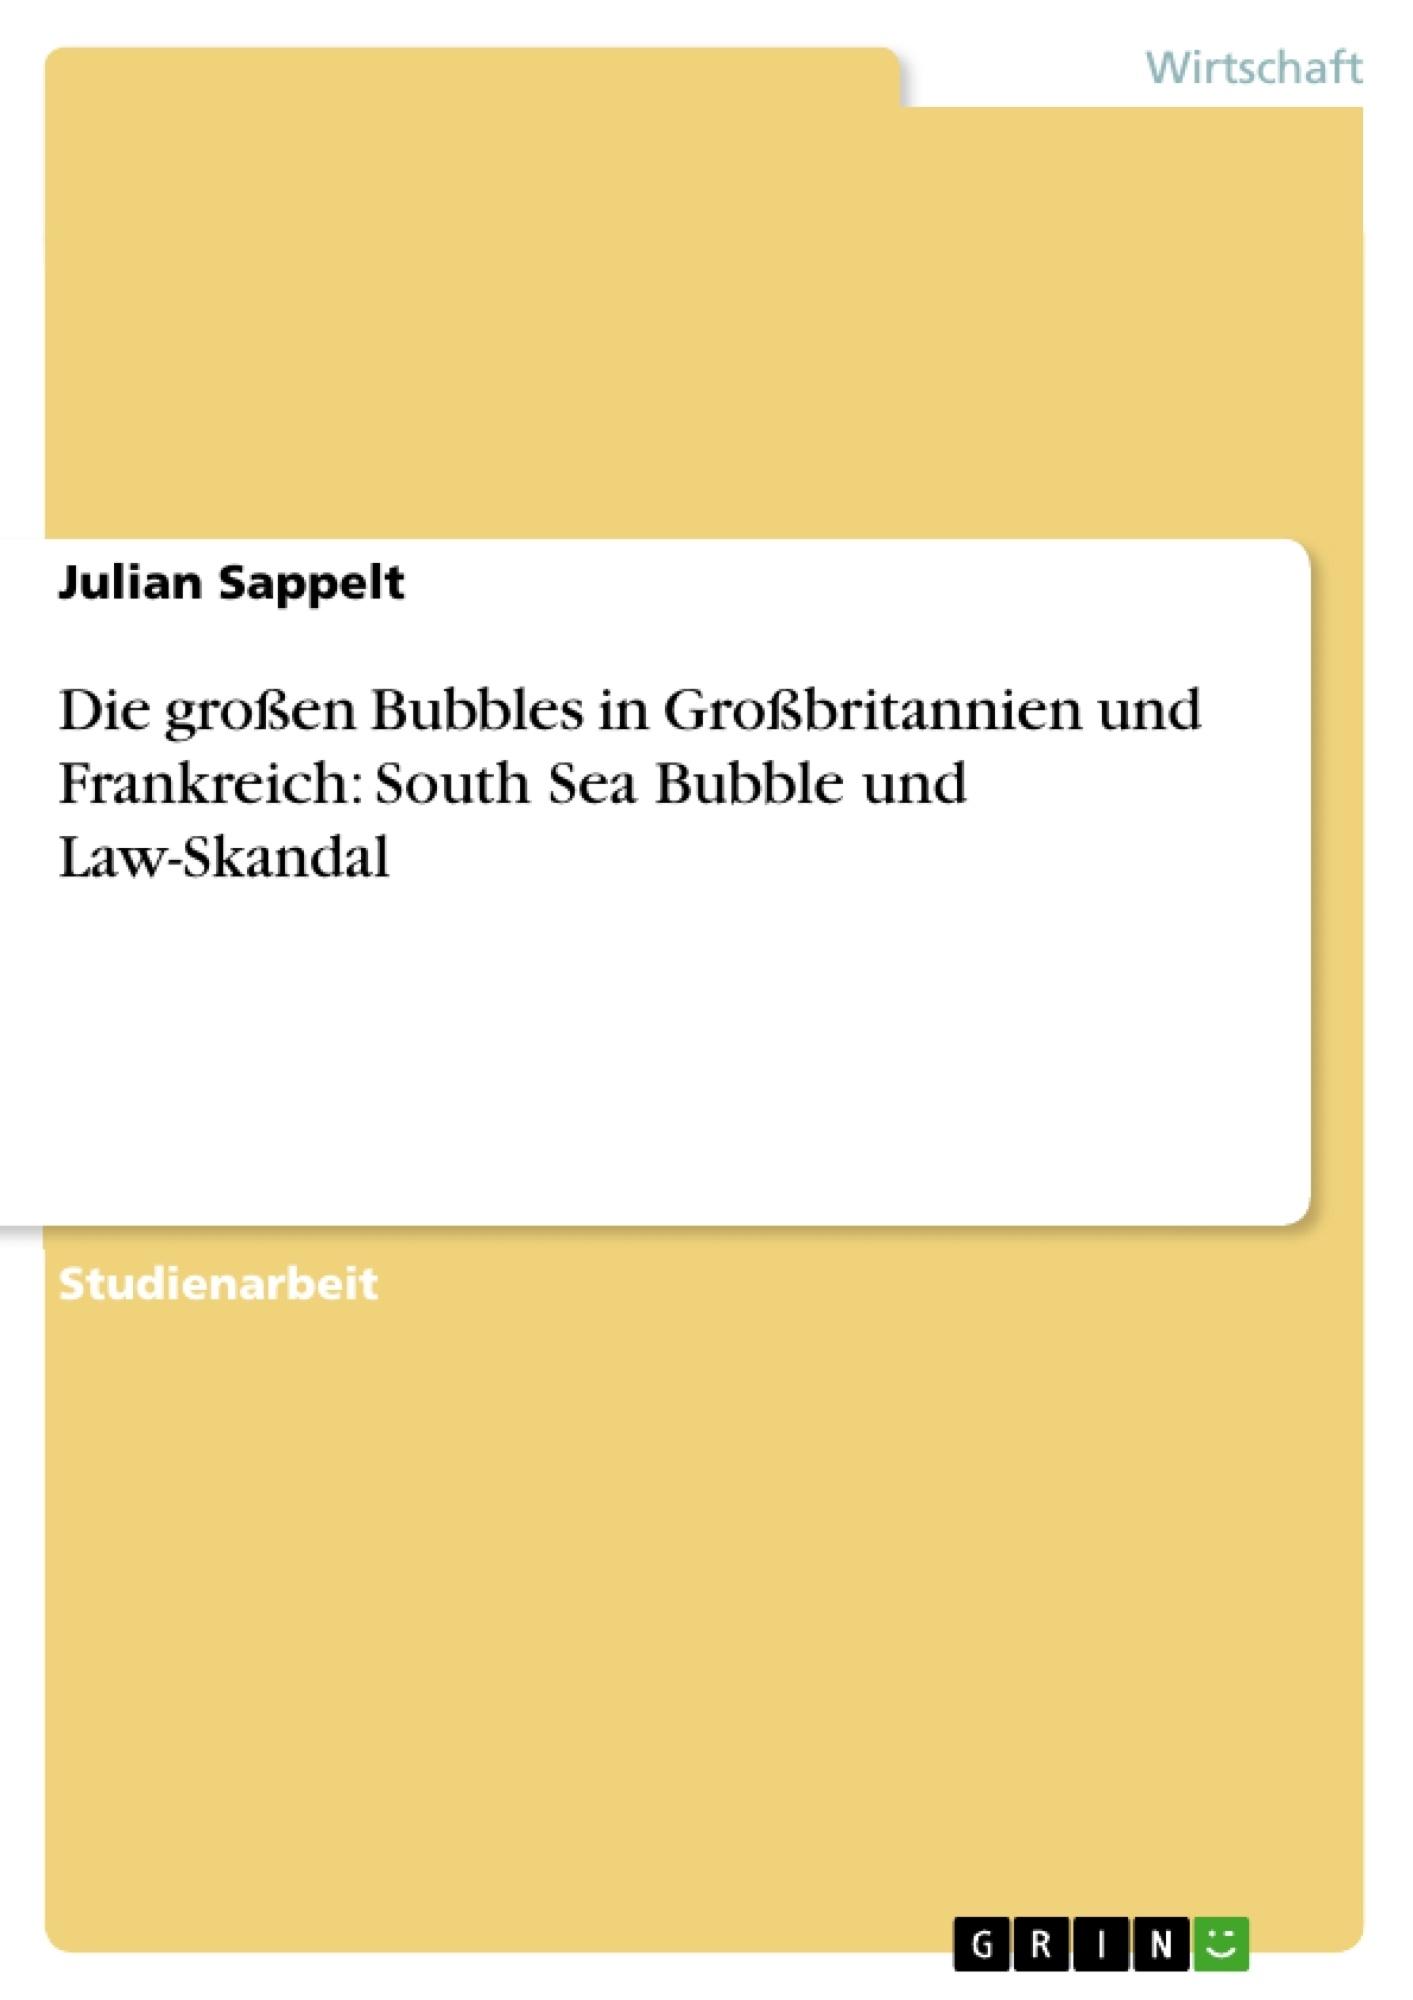 Titel: Die großen Bubbles in Großbritannien und Frankreich: South Sea Bubble und Law-Skandal